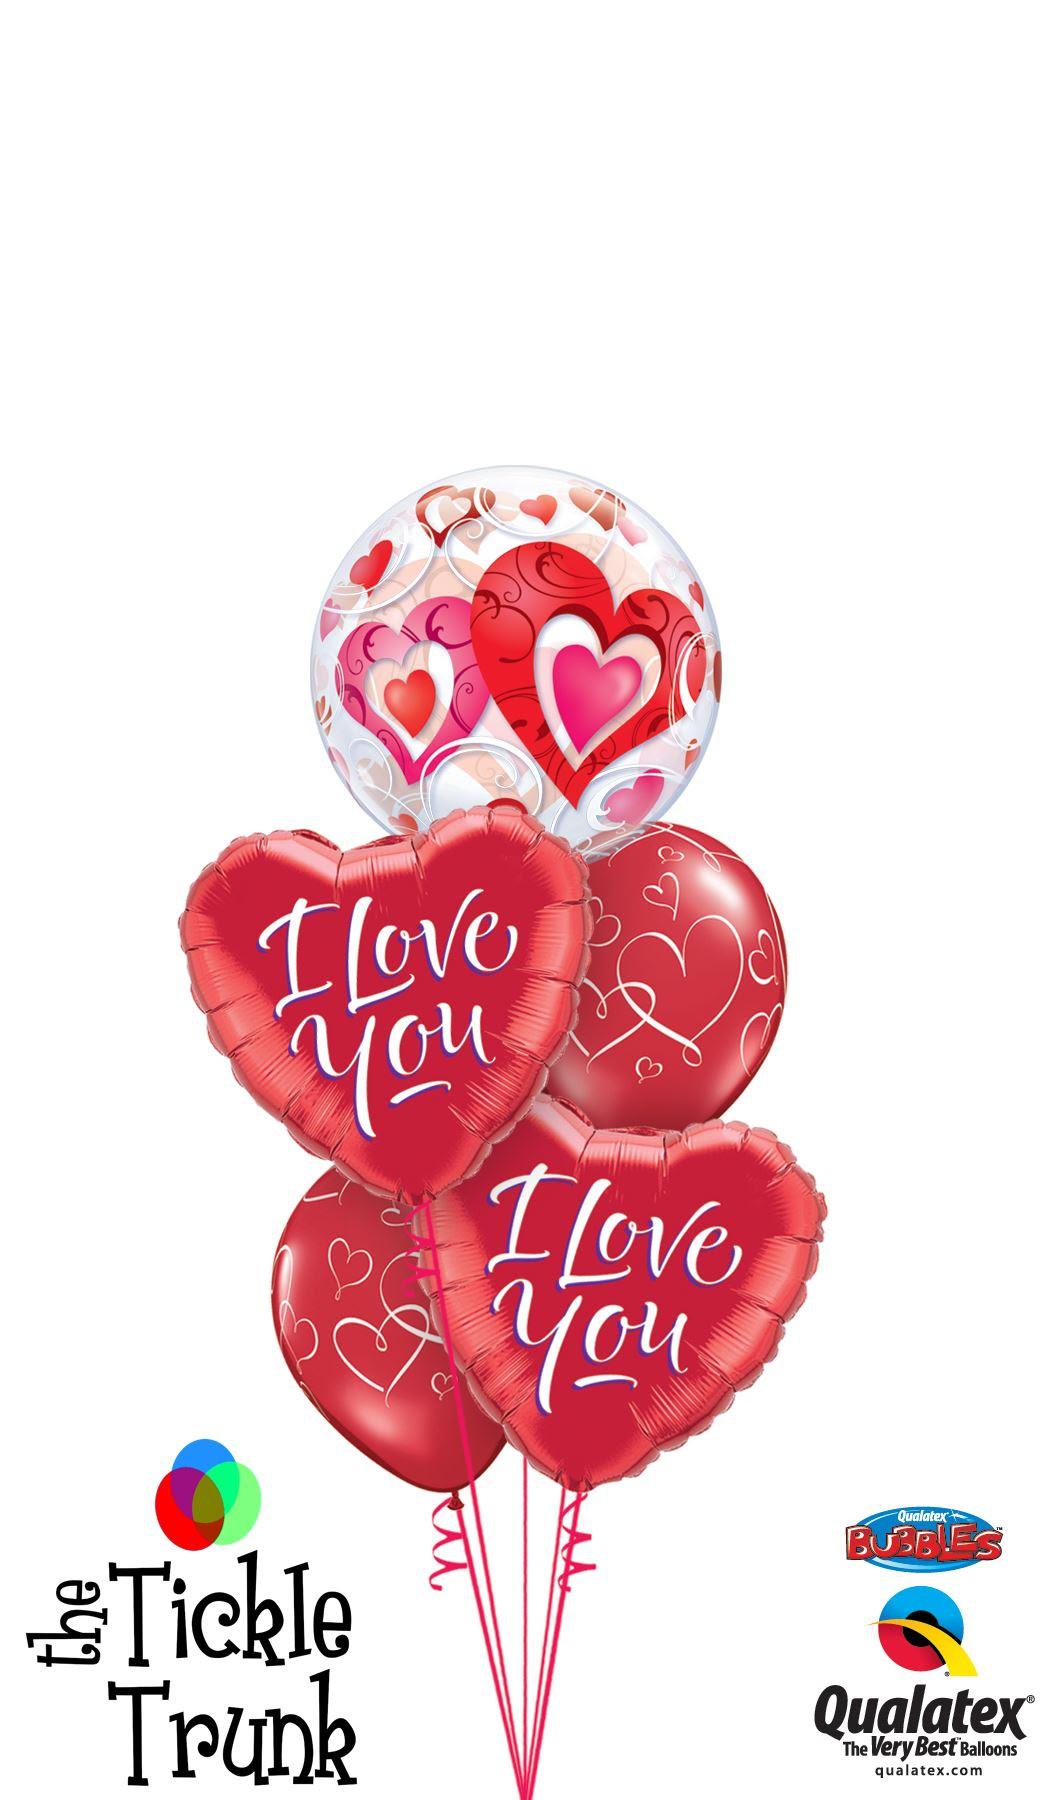 I Love You Heart Bubble Balloon Bouquet Onlineweddingstore